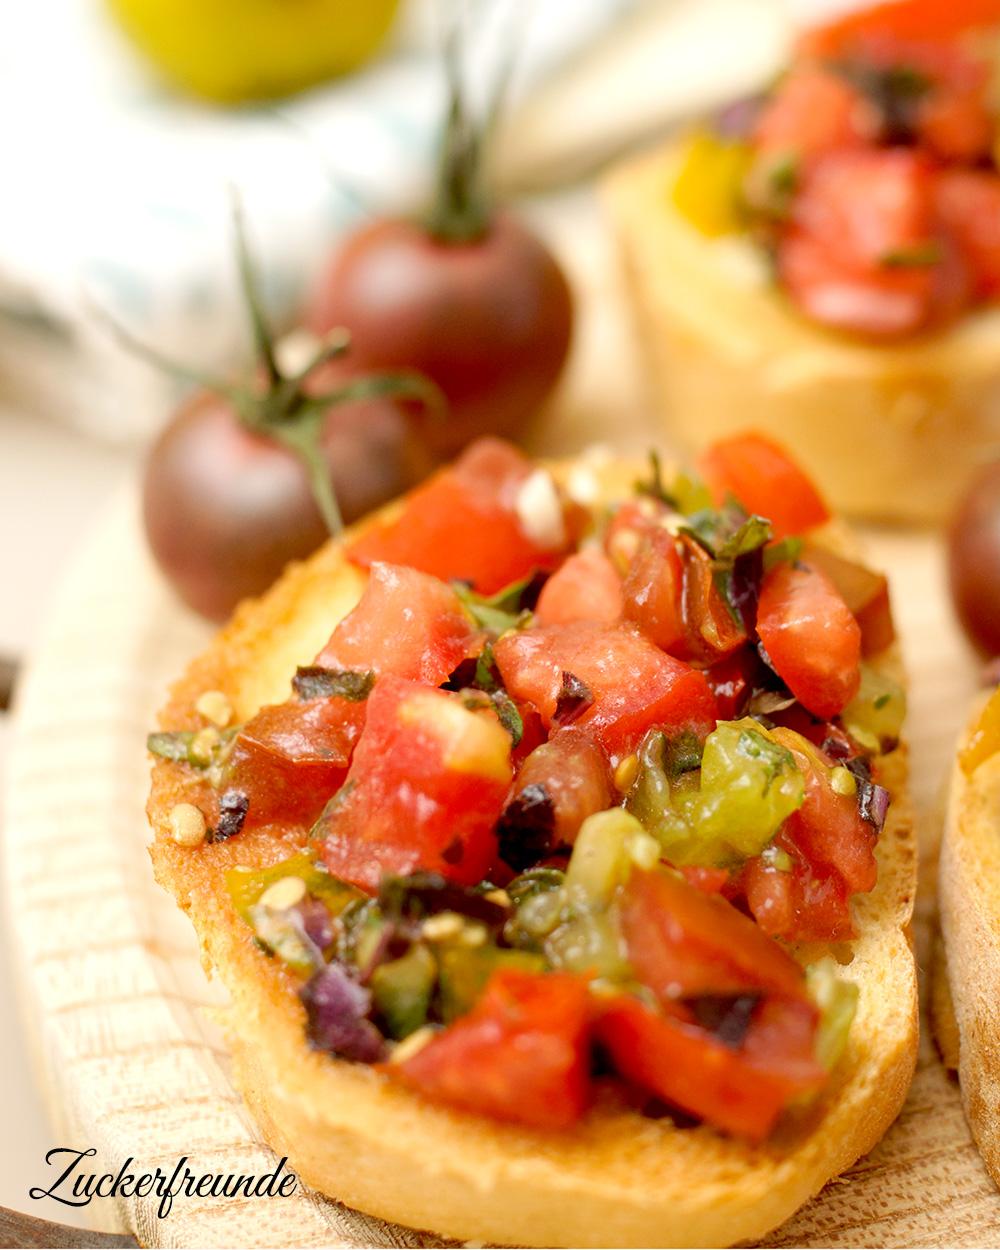 bruschetta mit frischen tomaten lieberbacken